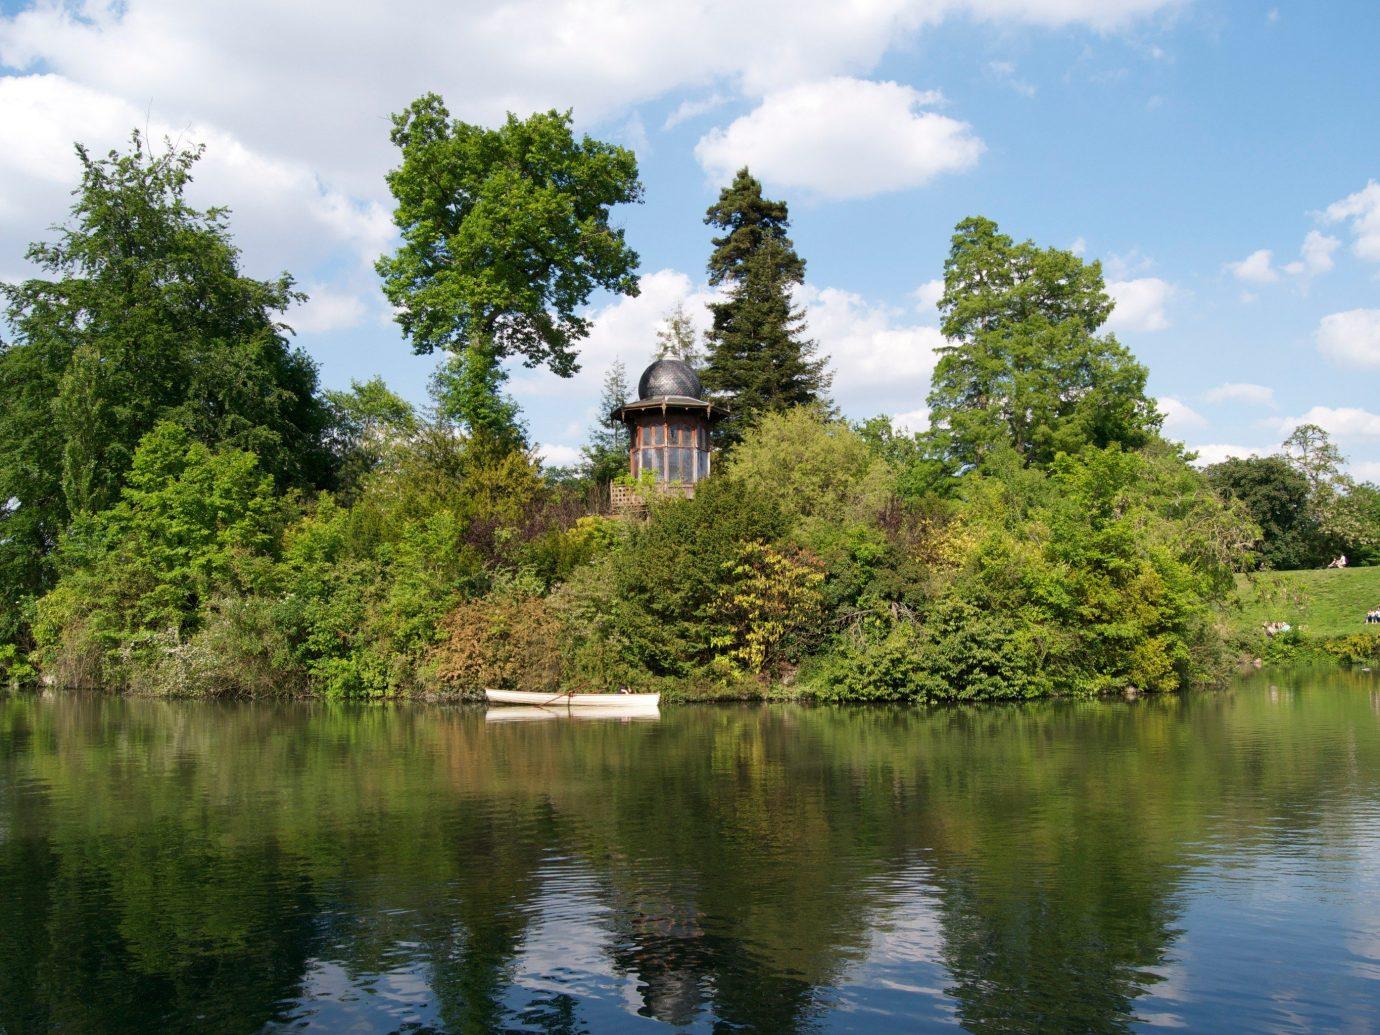 Bois de Boulogne park in Paris